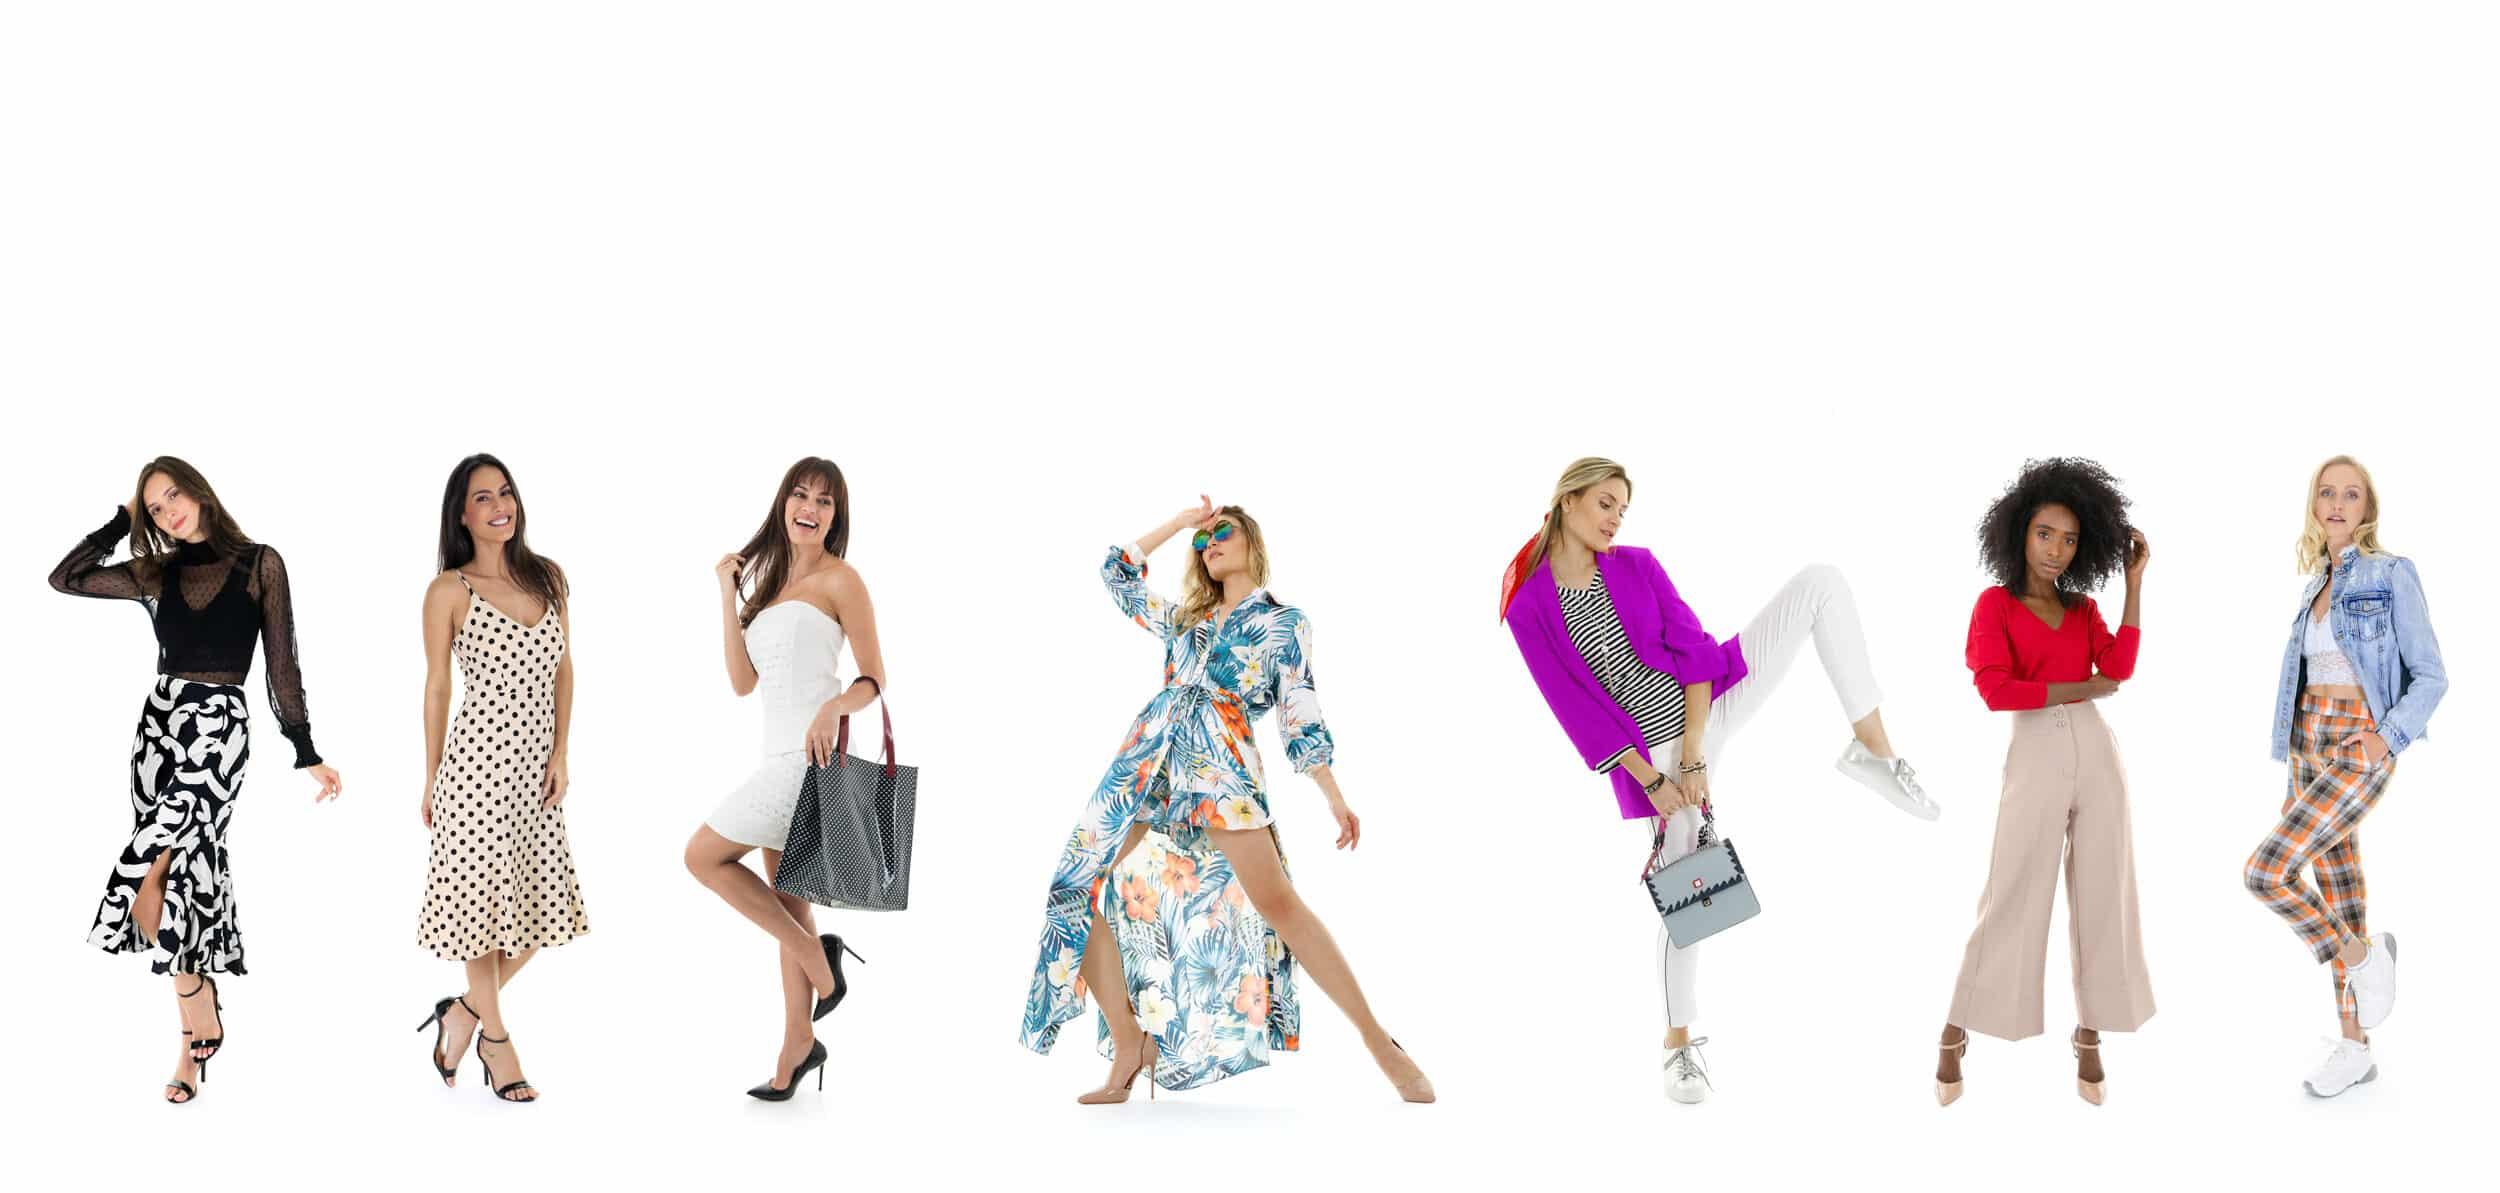 Fotos profissionais para e-commerce de moda